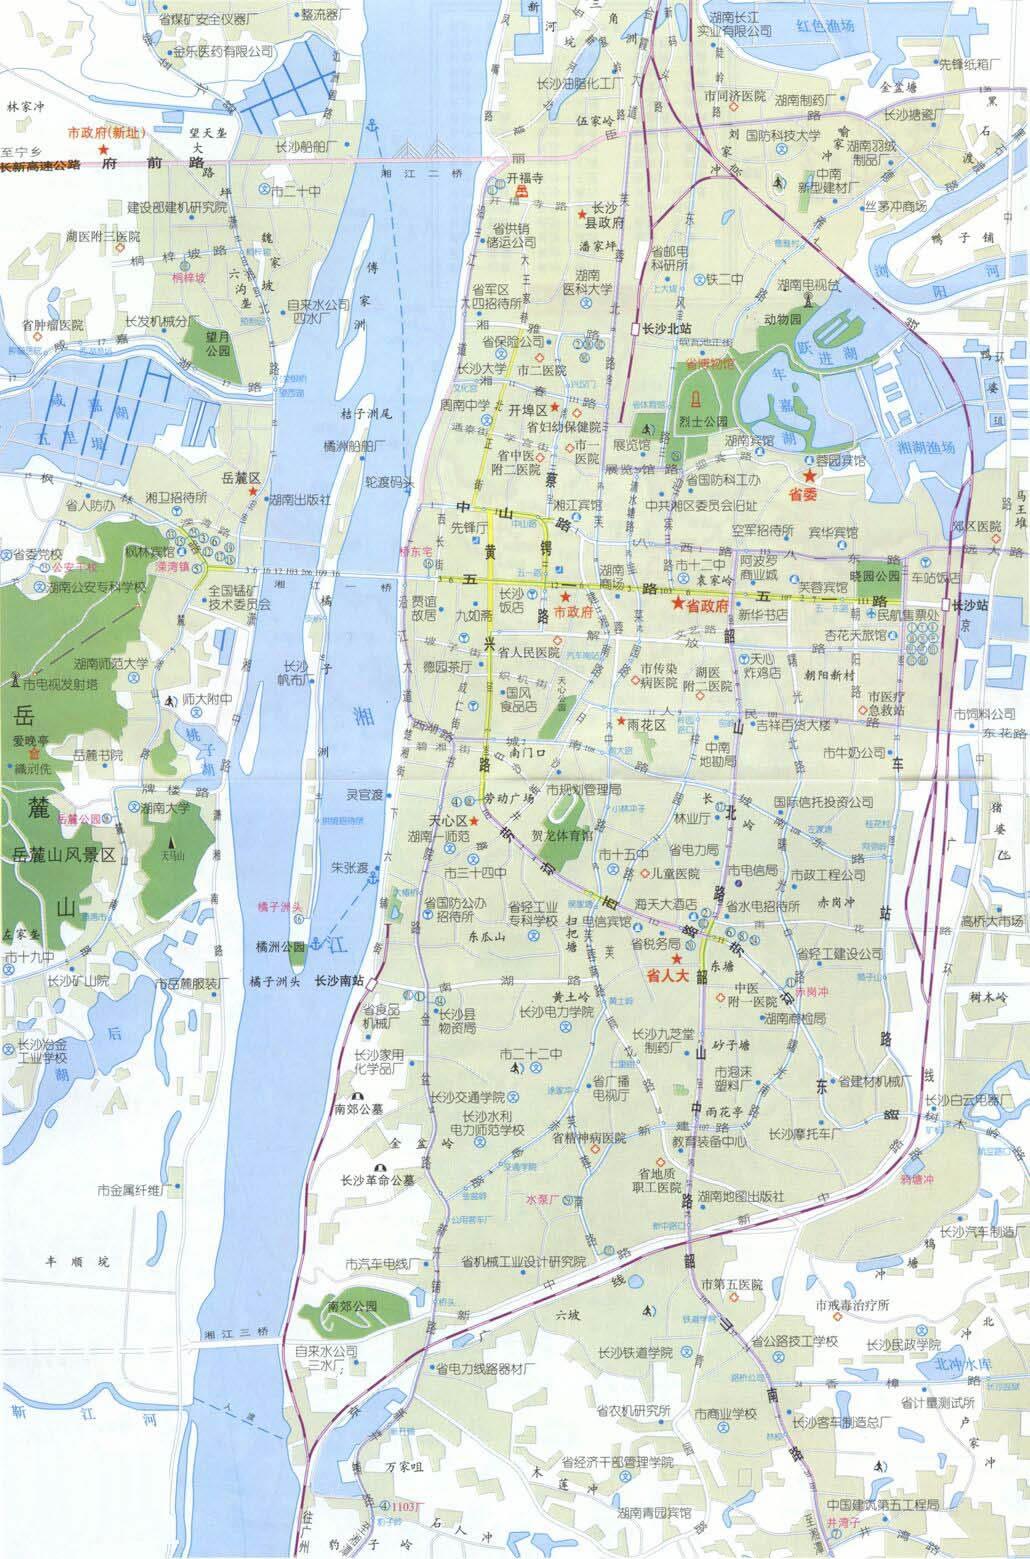 湖南长沙市旅游地图